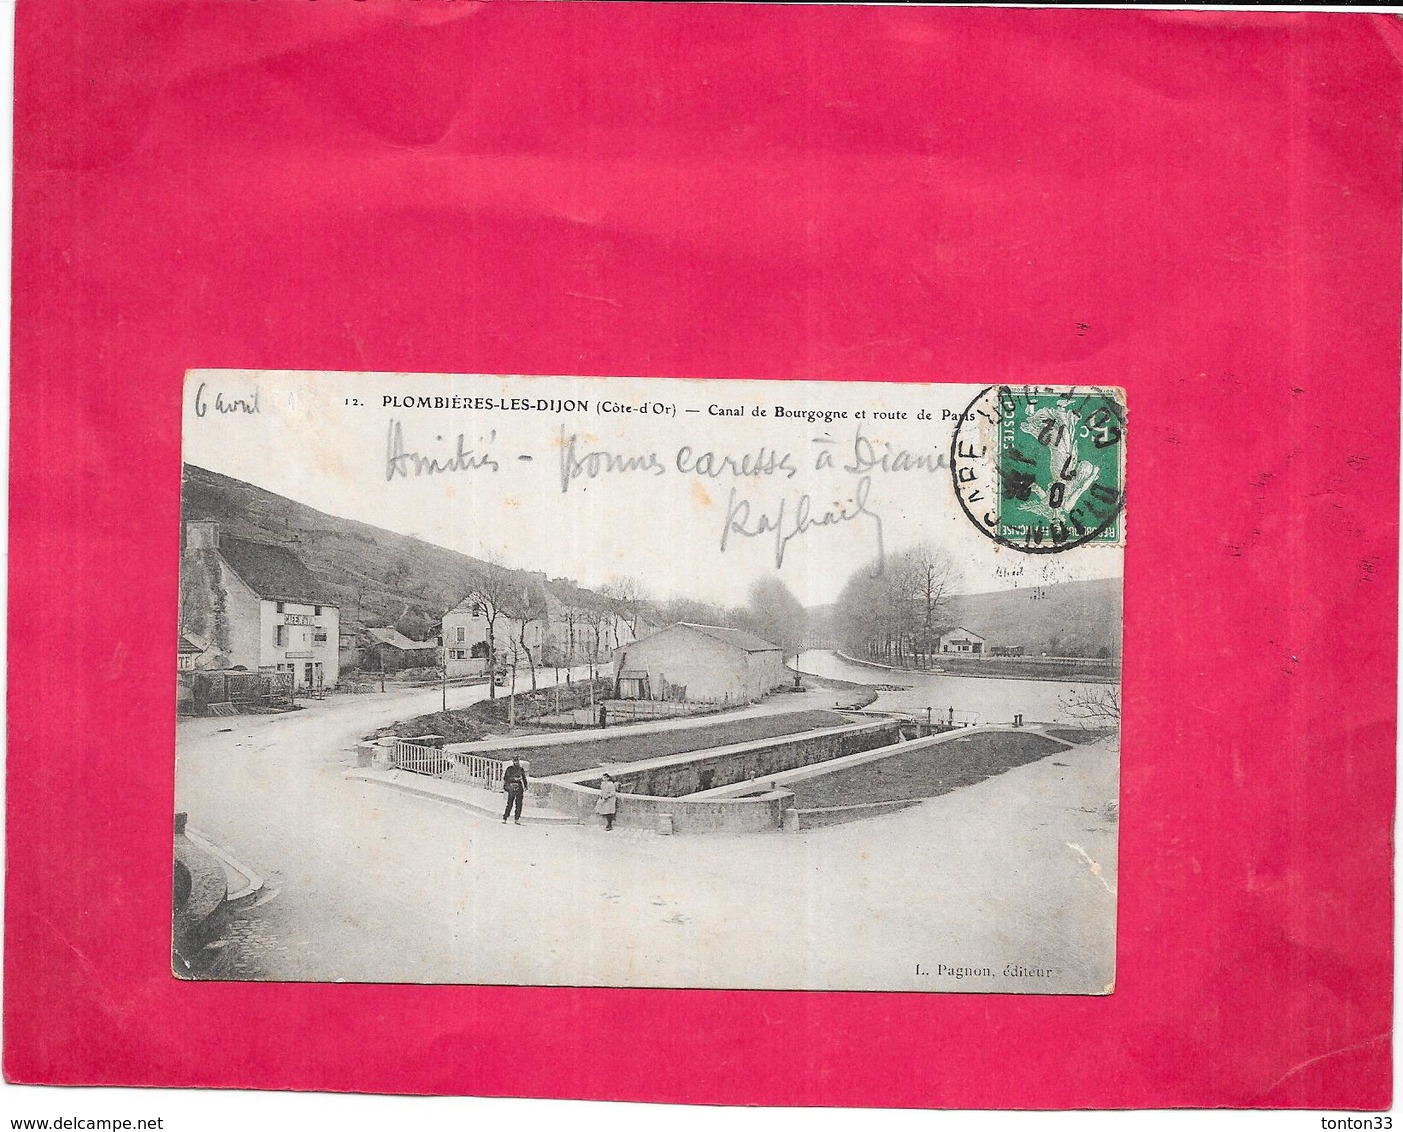 PLOMBIERES LES DIJON - 21 - Canal De Bourgogne Et Route De Paris - BES - - France